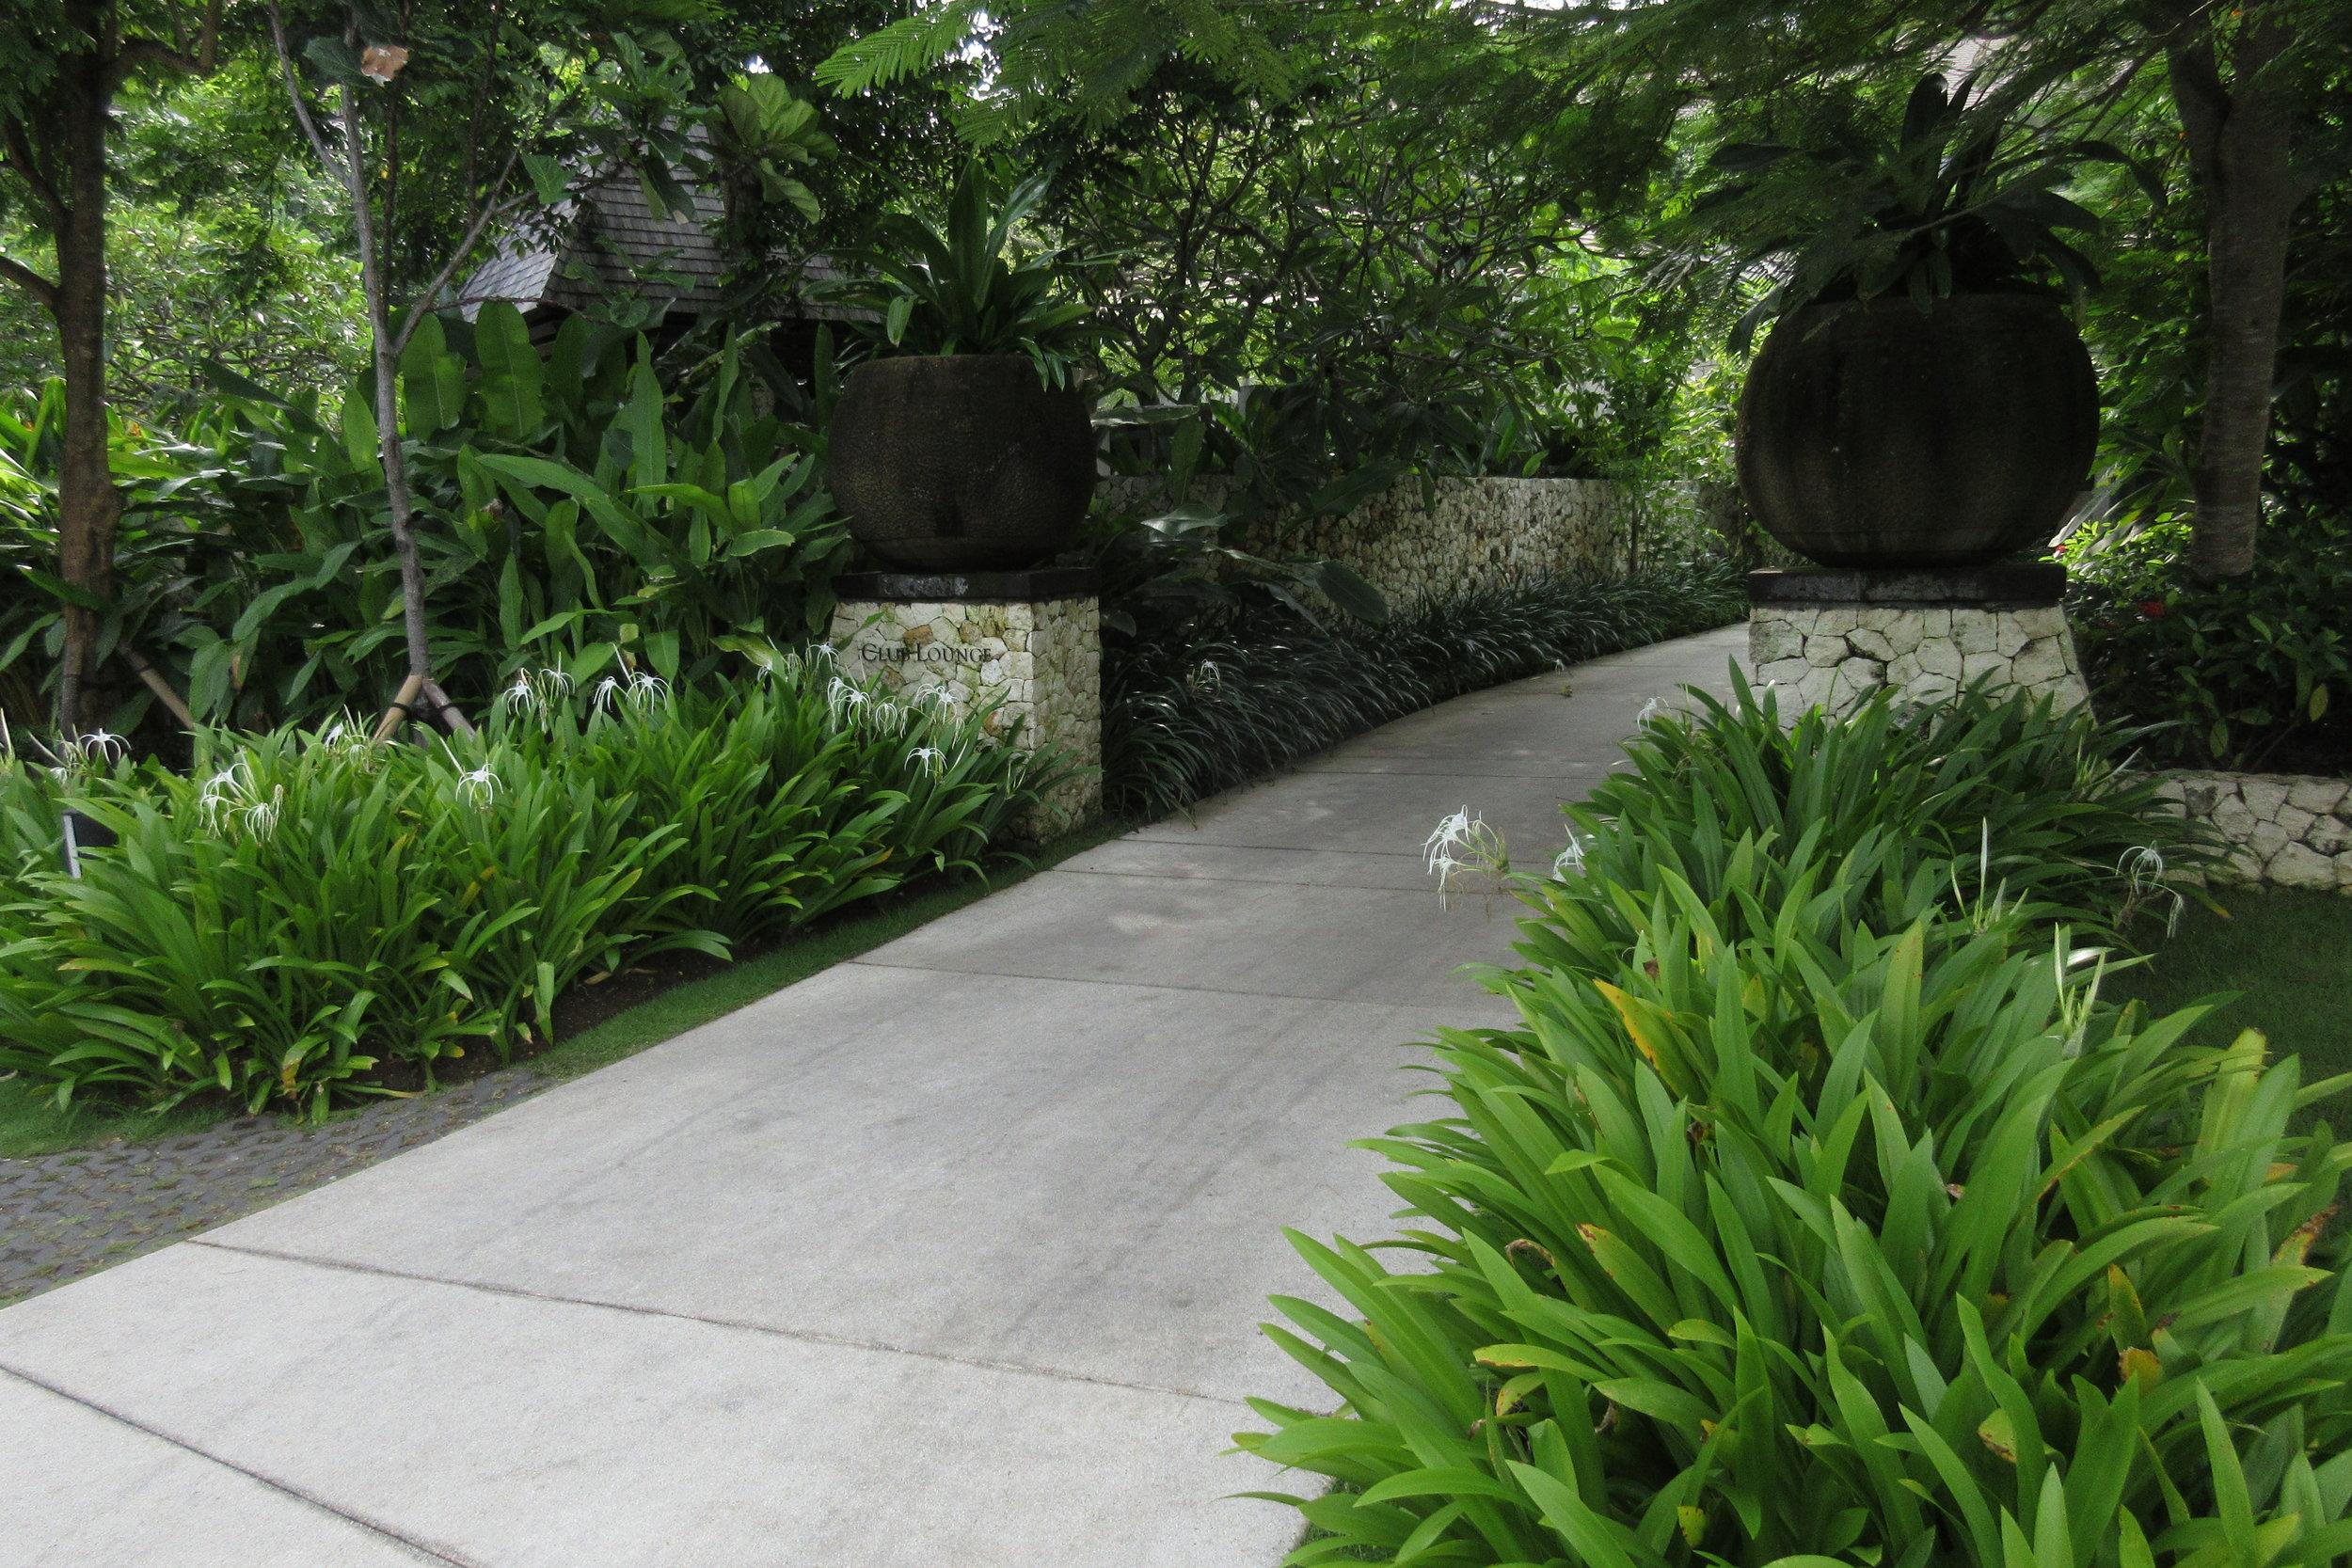 The Ritz-Carlton, Bali – Club entryway